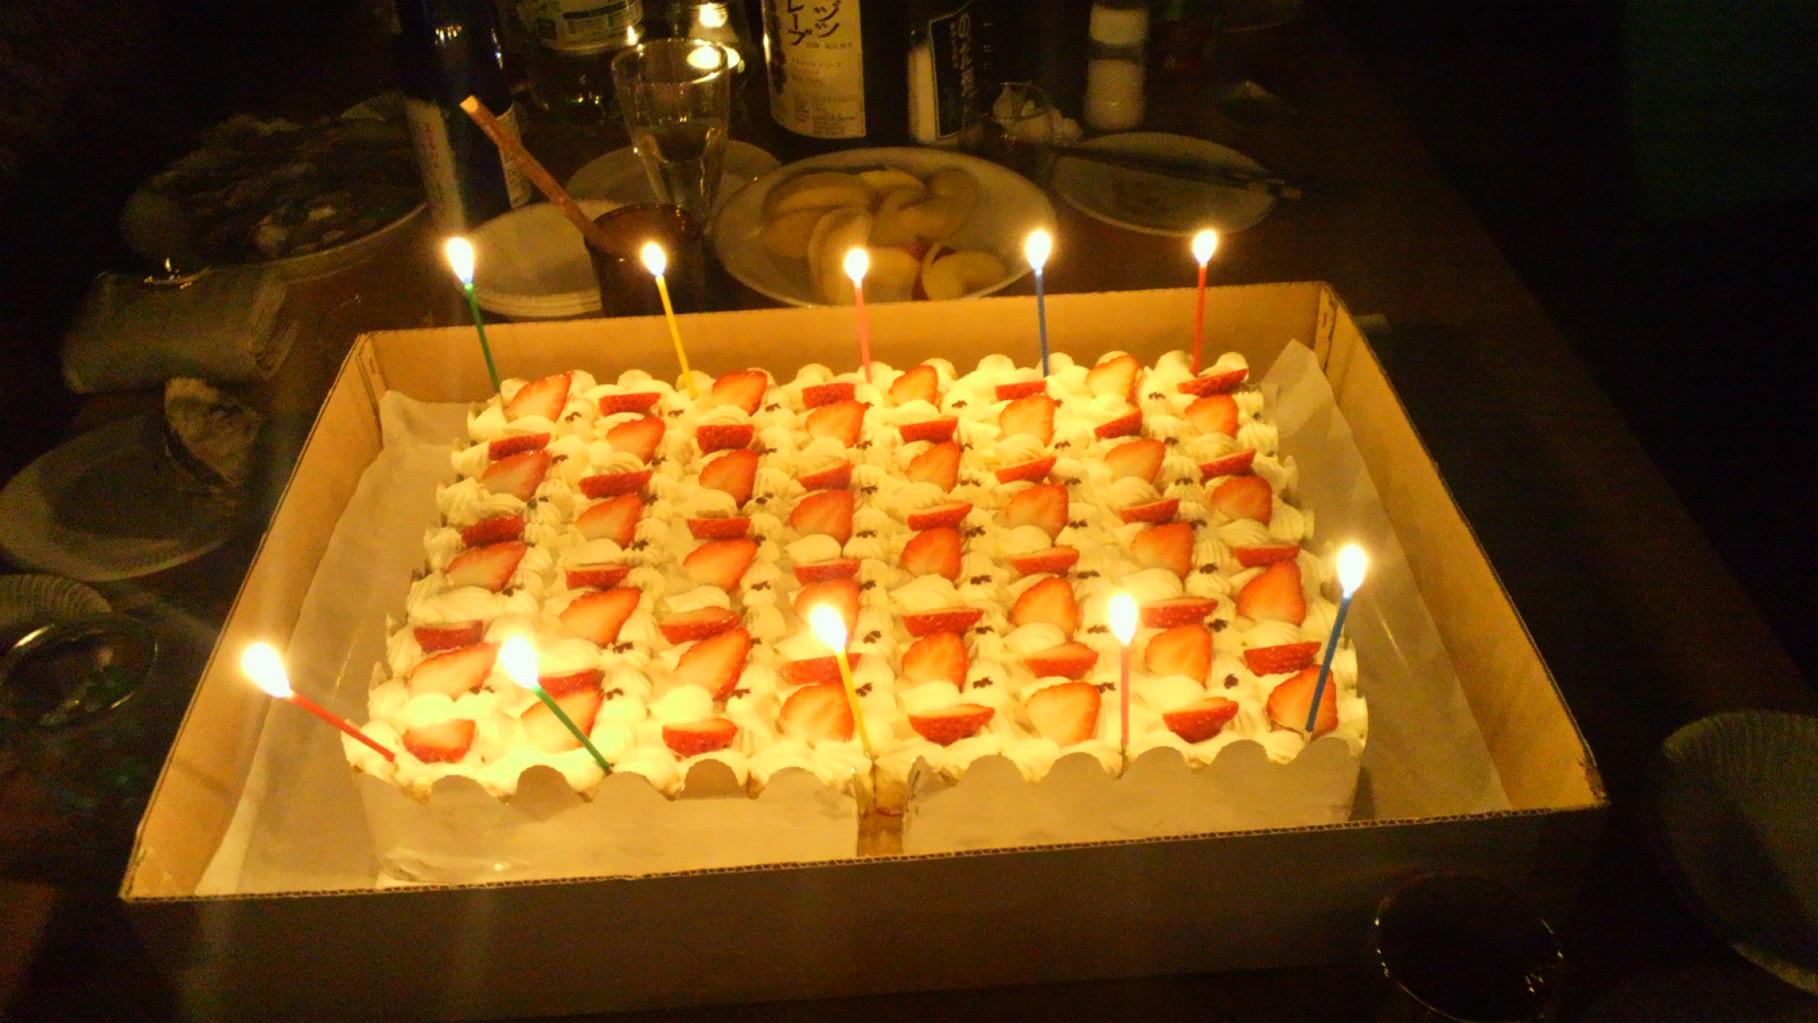 10,000円のバースデーケーキは「松永堂(塩尻市大門5番町)」さんにご協力いただきました